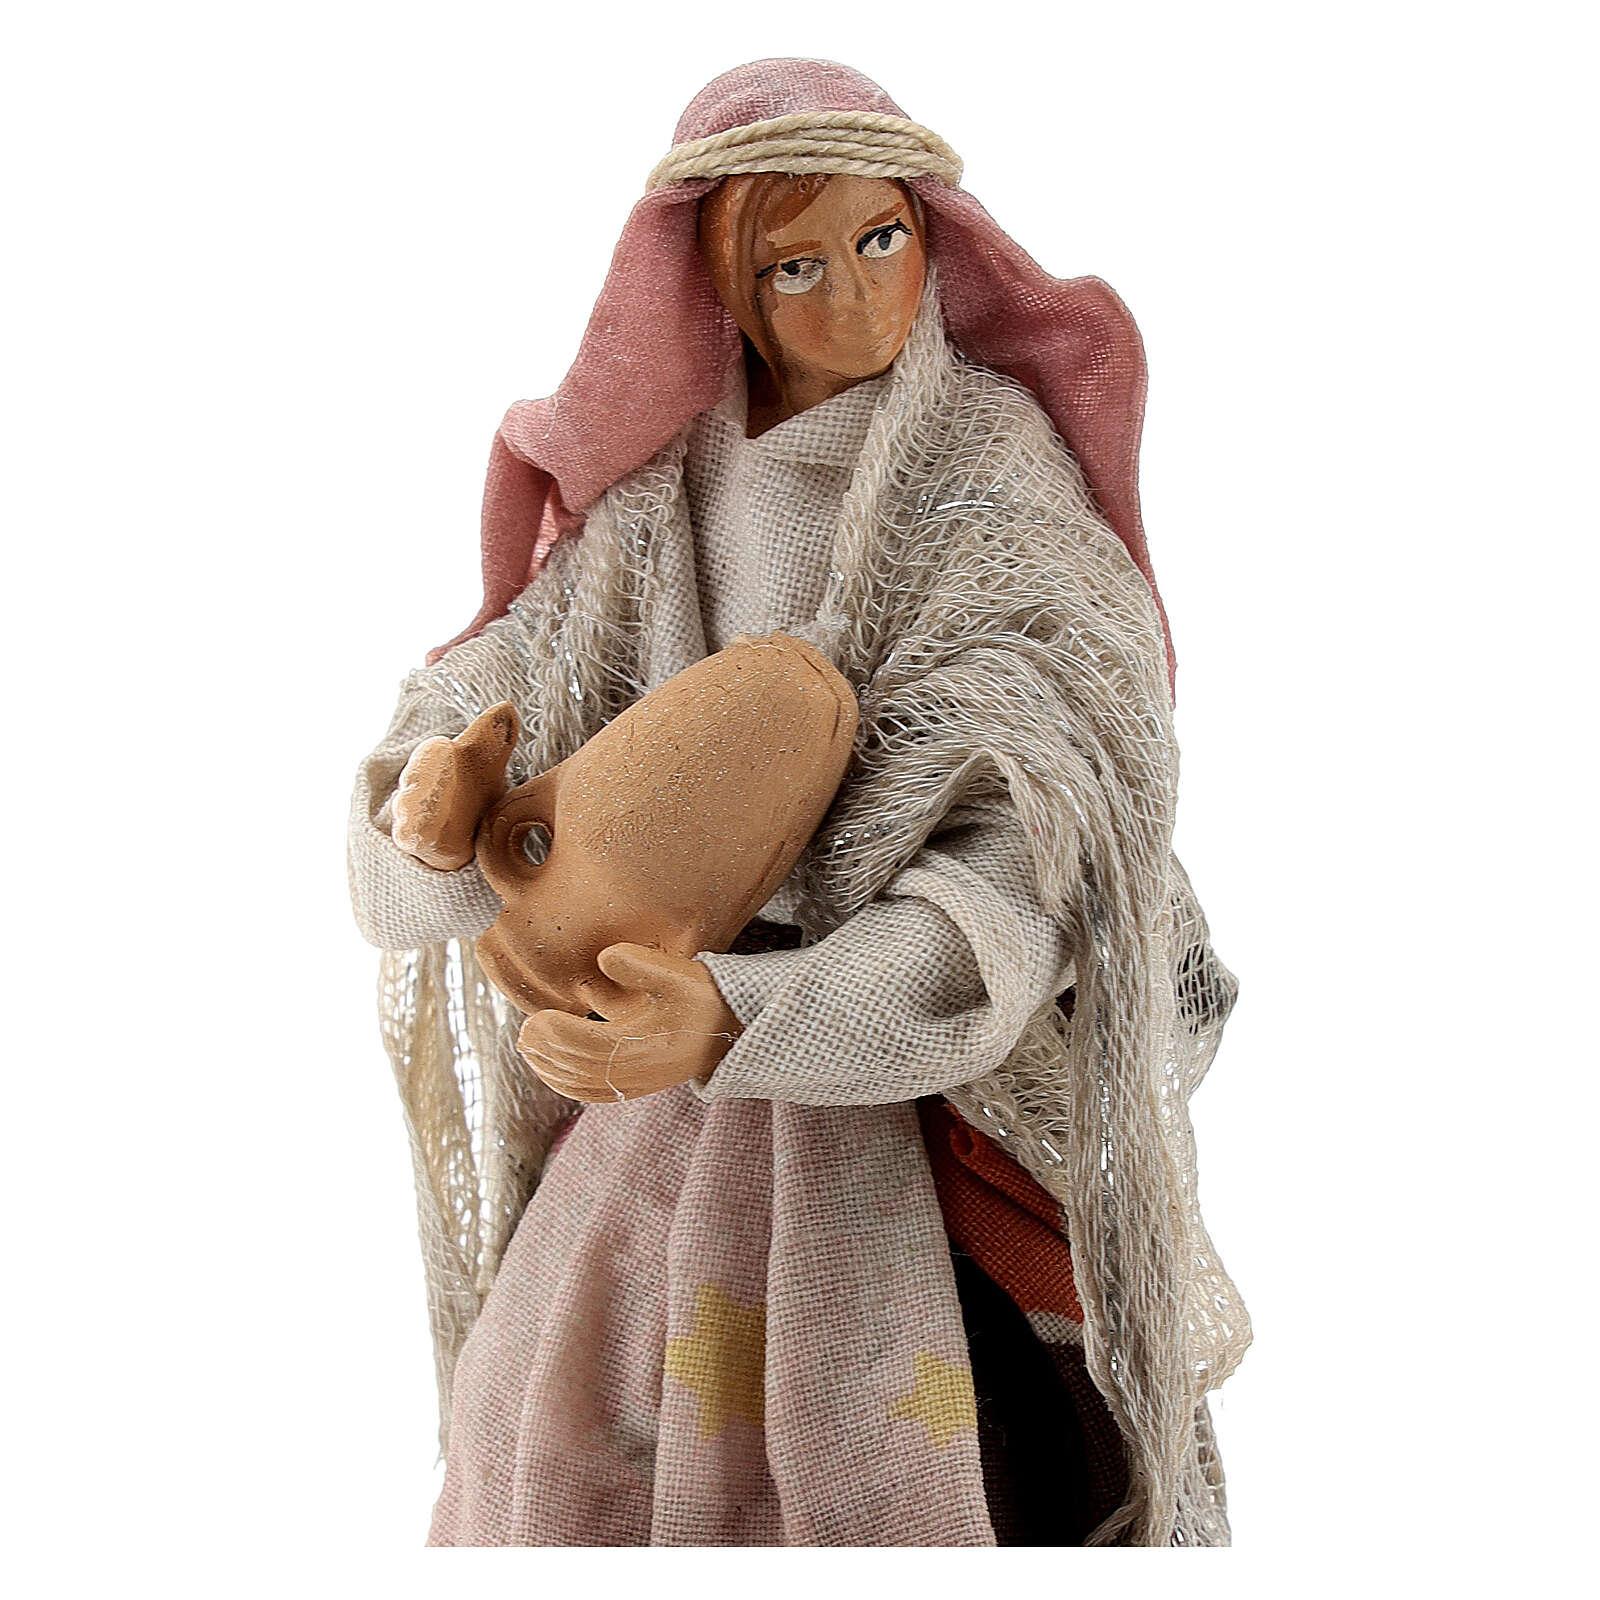 Woman with vases 12 cm Neapolitan nativity figurine 4